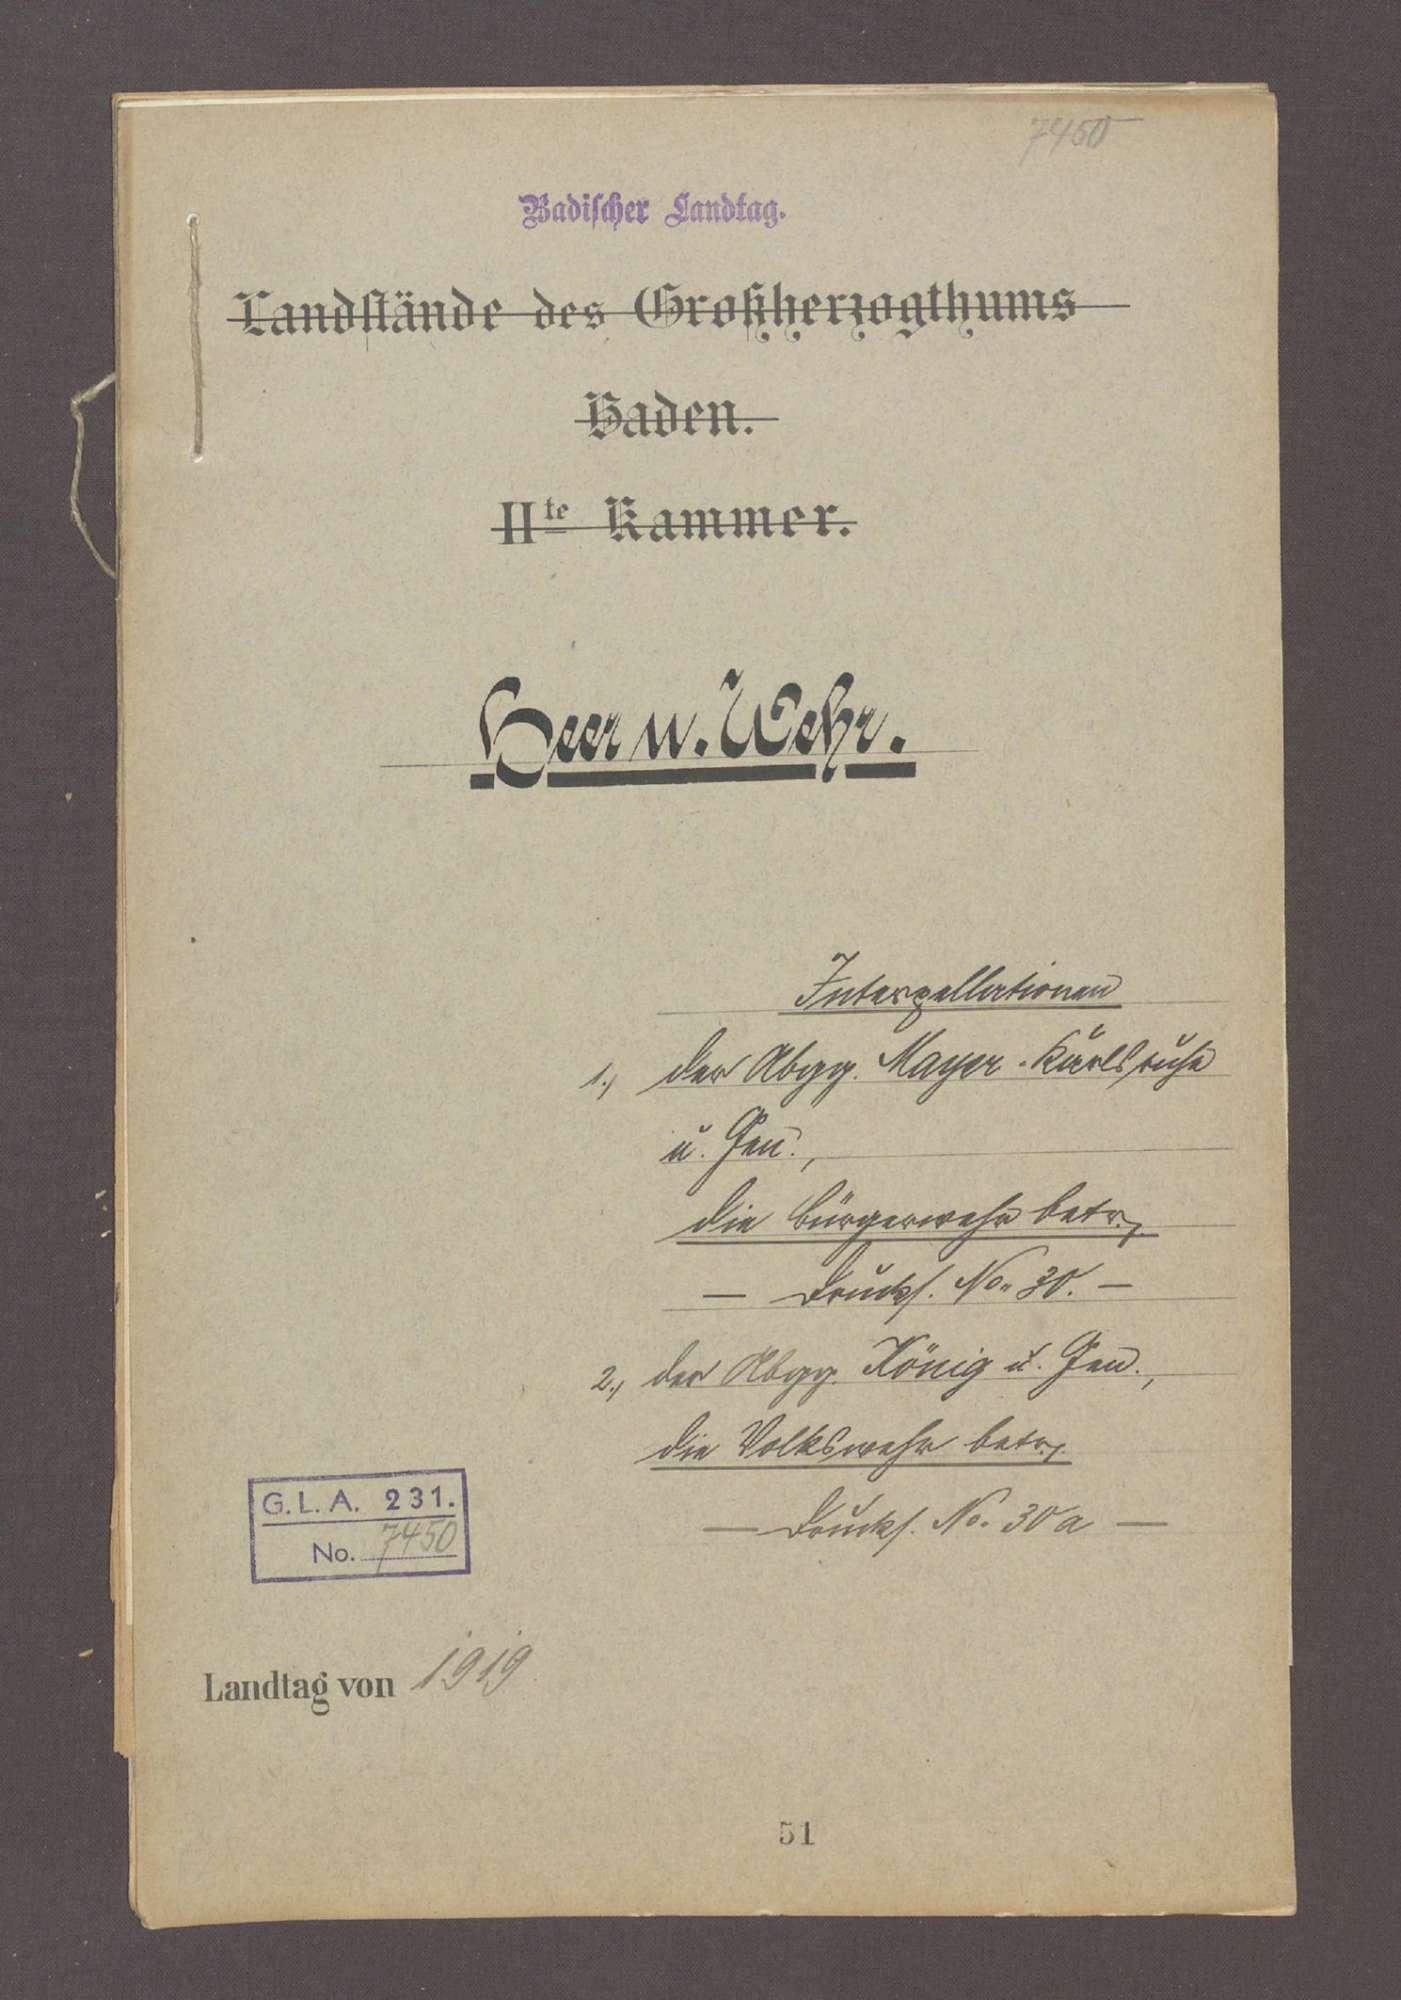 Interpellation 1) der Abg. Mayer, Karlsruhe und Gen., die Bürgerwehr betr. 2) der Abg. König und Gen., die Volkswehr betr., Bild 1